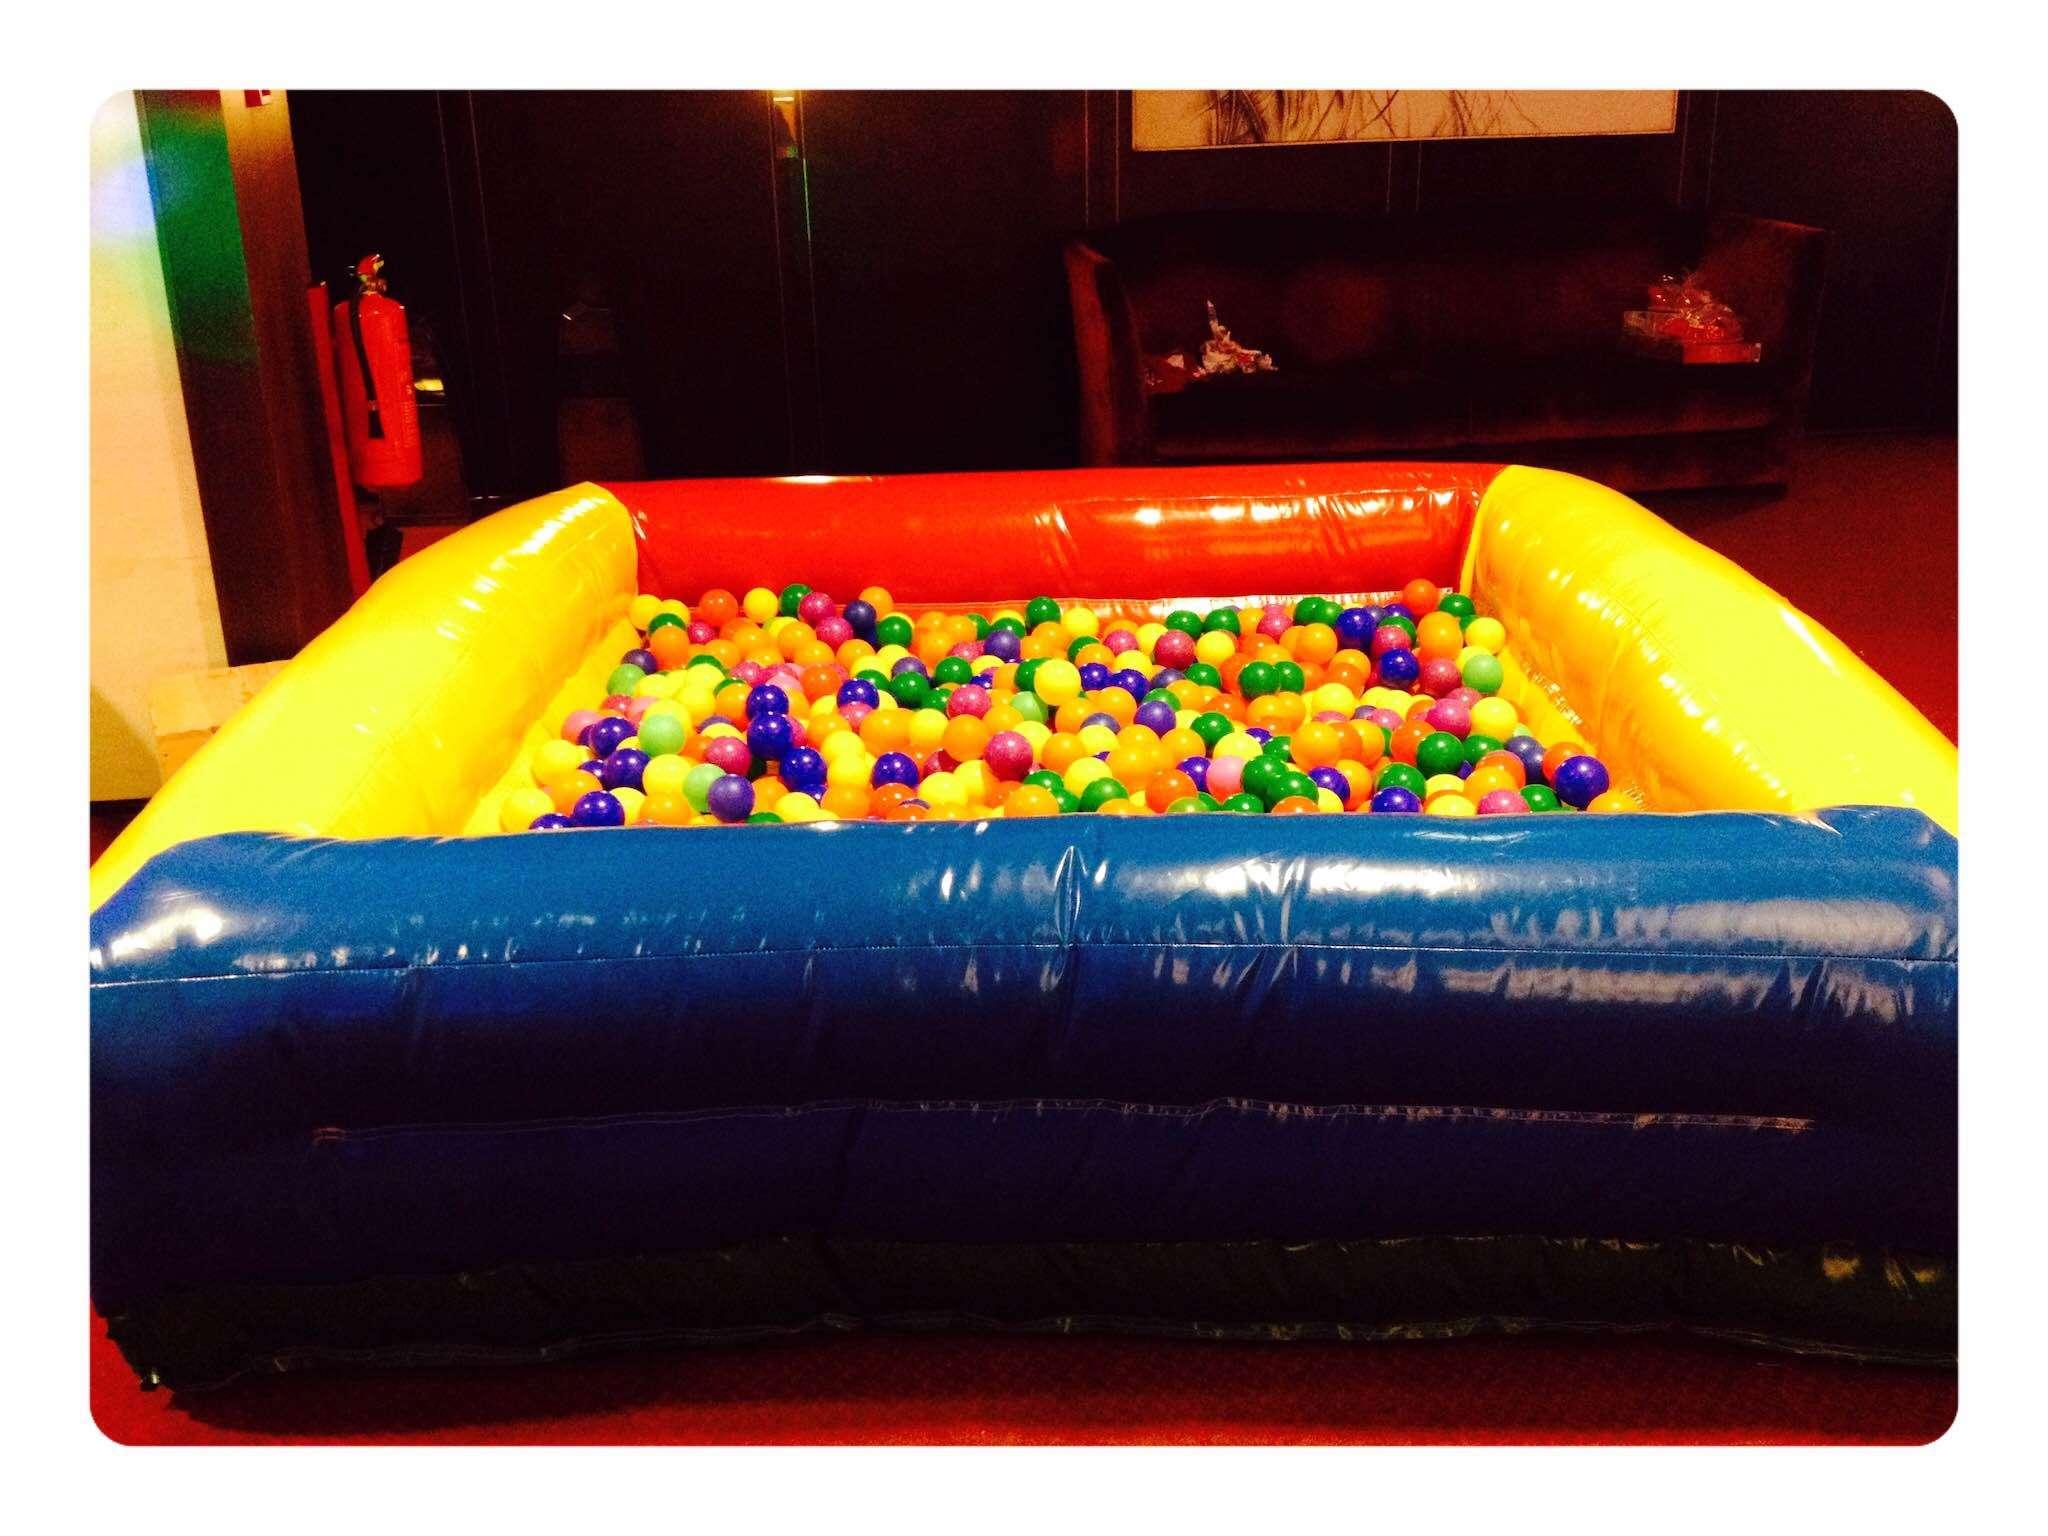 Insufl vel piscina de bolas lovejump aluguer piscina for Bolas para piscina